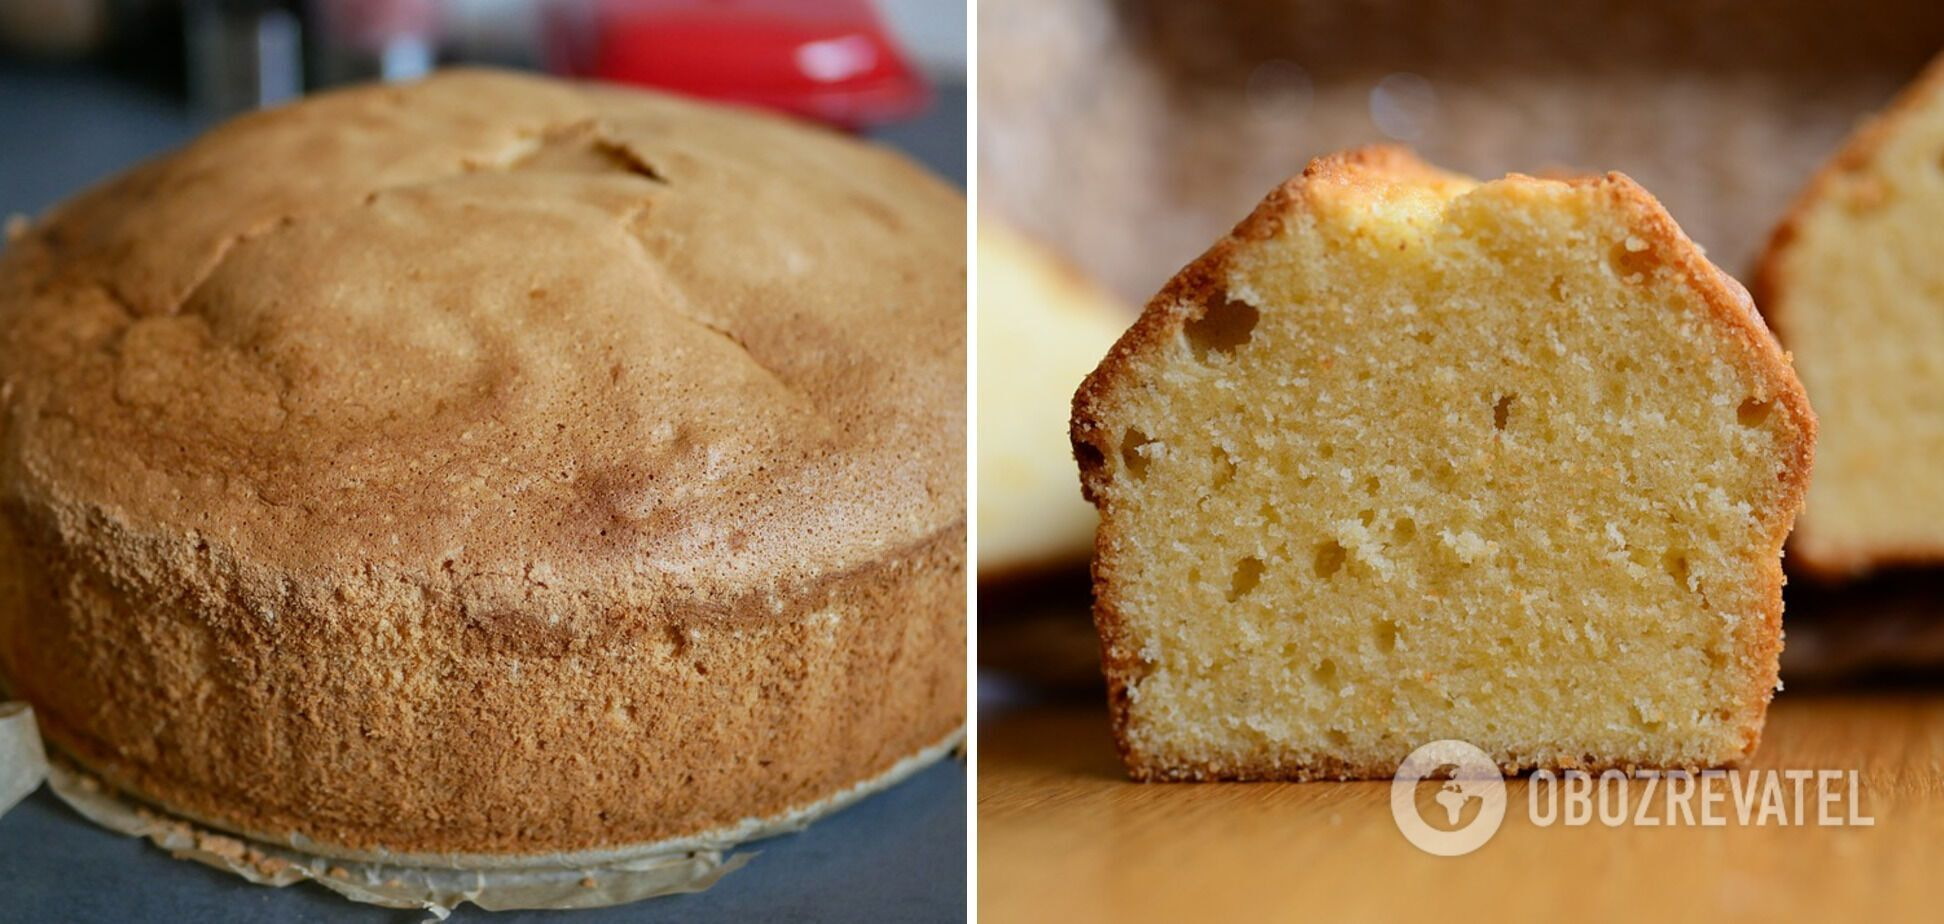 Как приготовить удачное тесто для бисквита